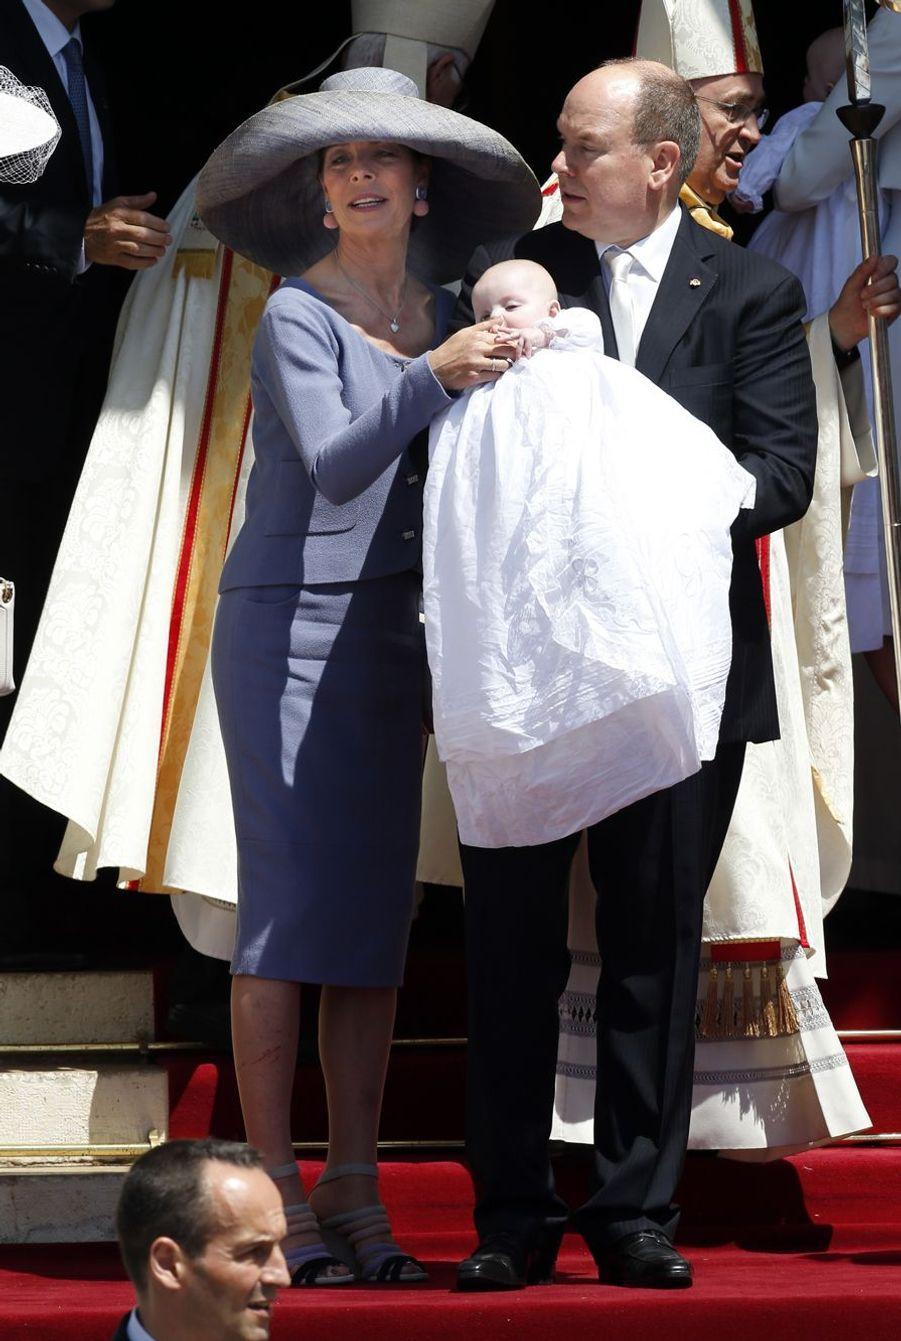 Le couple princier, ses jumeaux, et la princesse Caroline